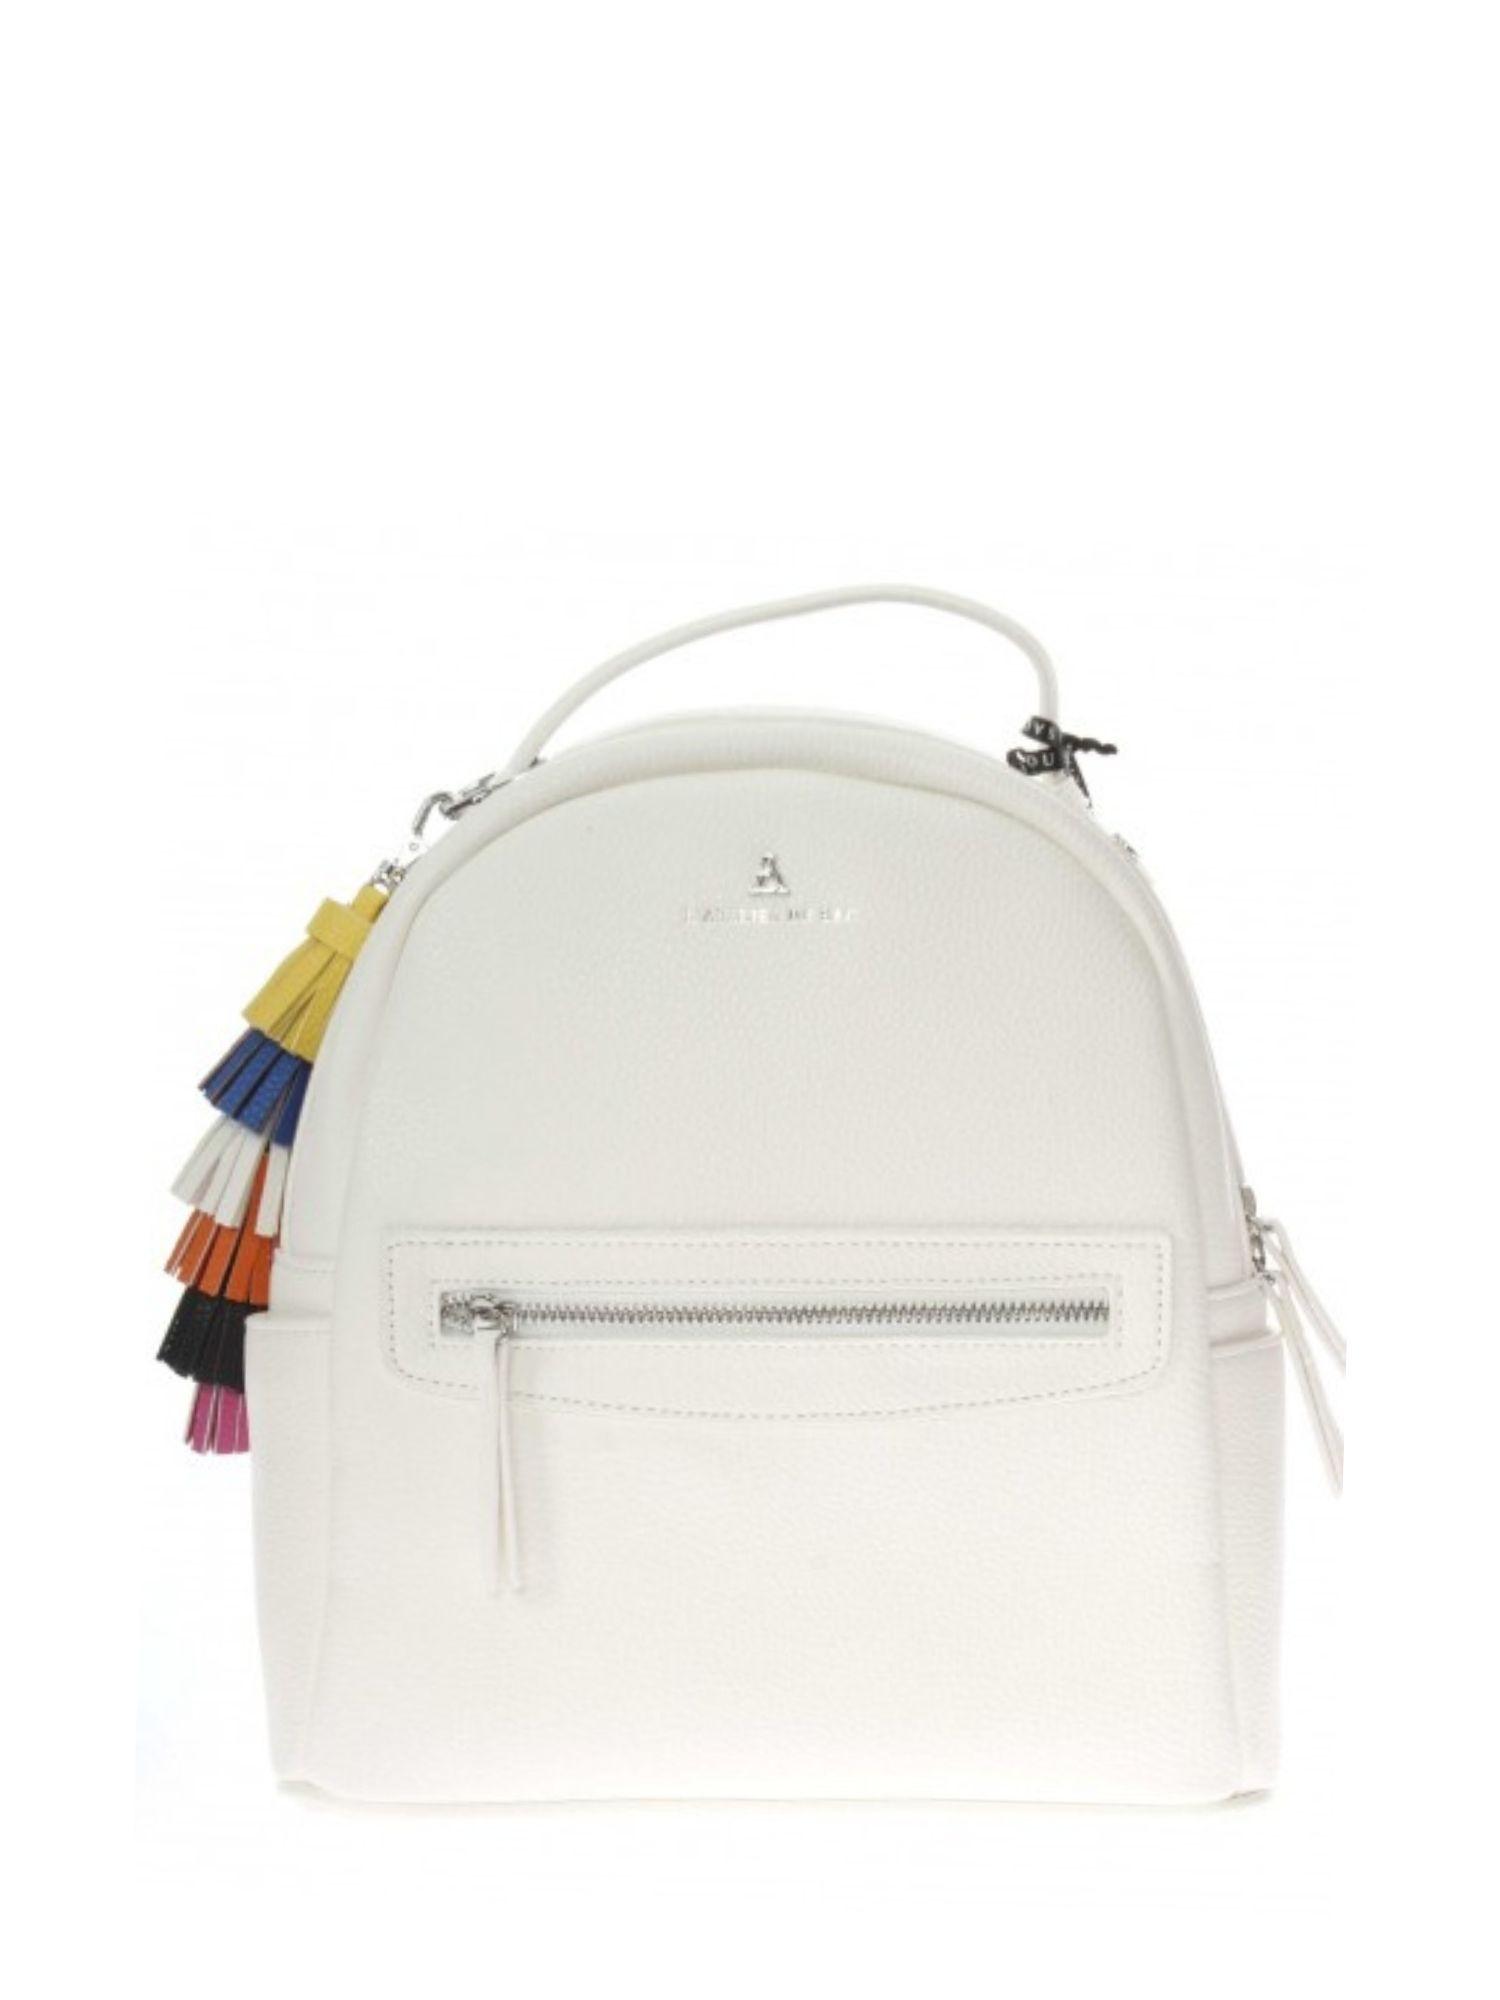 Zaino Pash Bag Atelier Du Sac 10796 Bianco